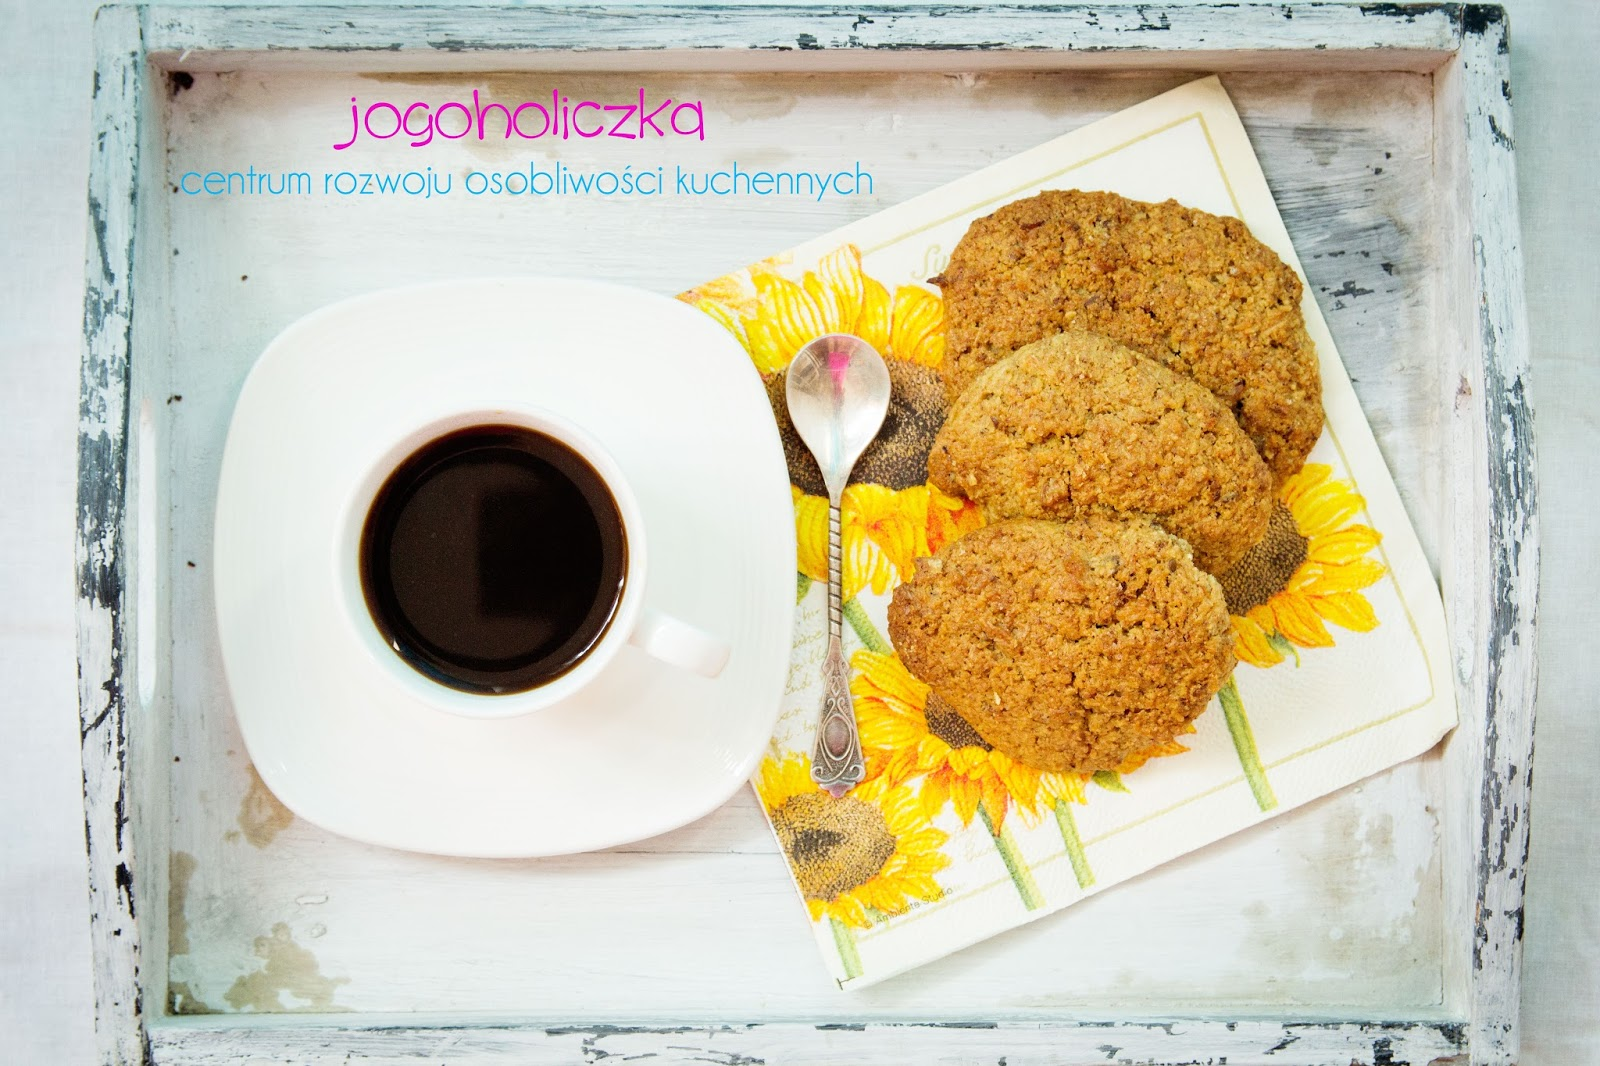 Kokosanki czyli pełnoziarniste, zdrowe ciasteczka kokosowe